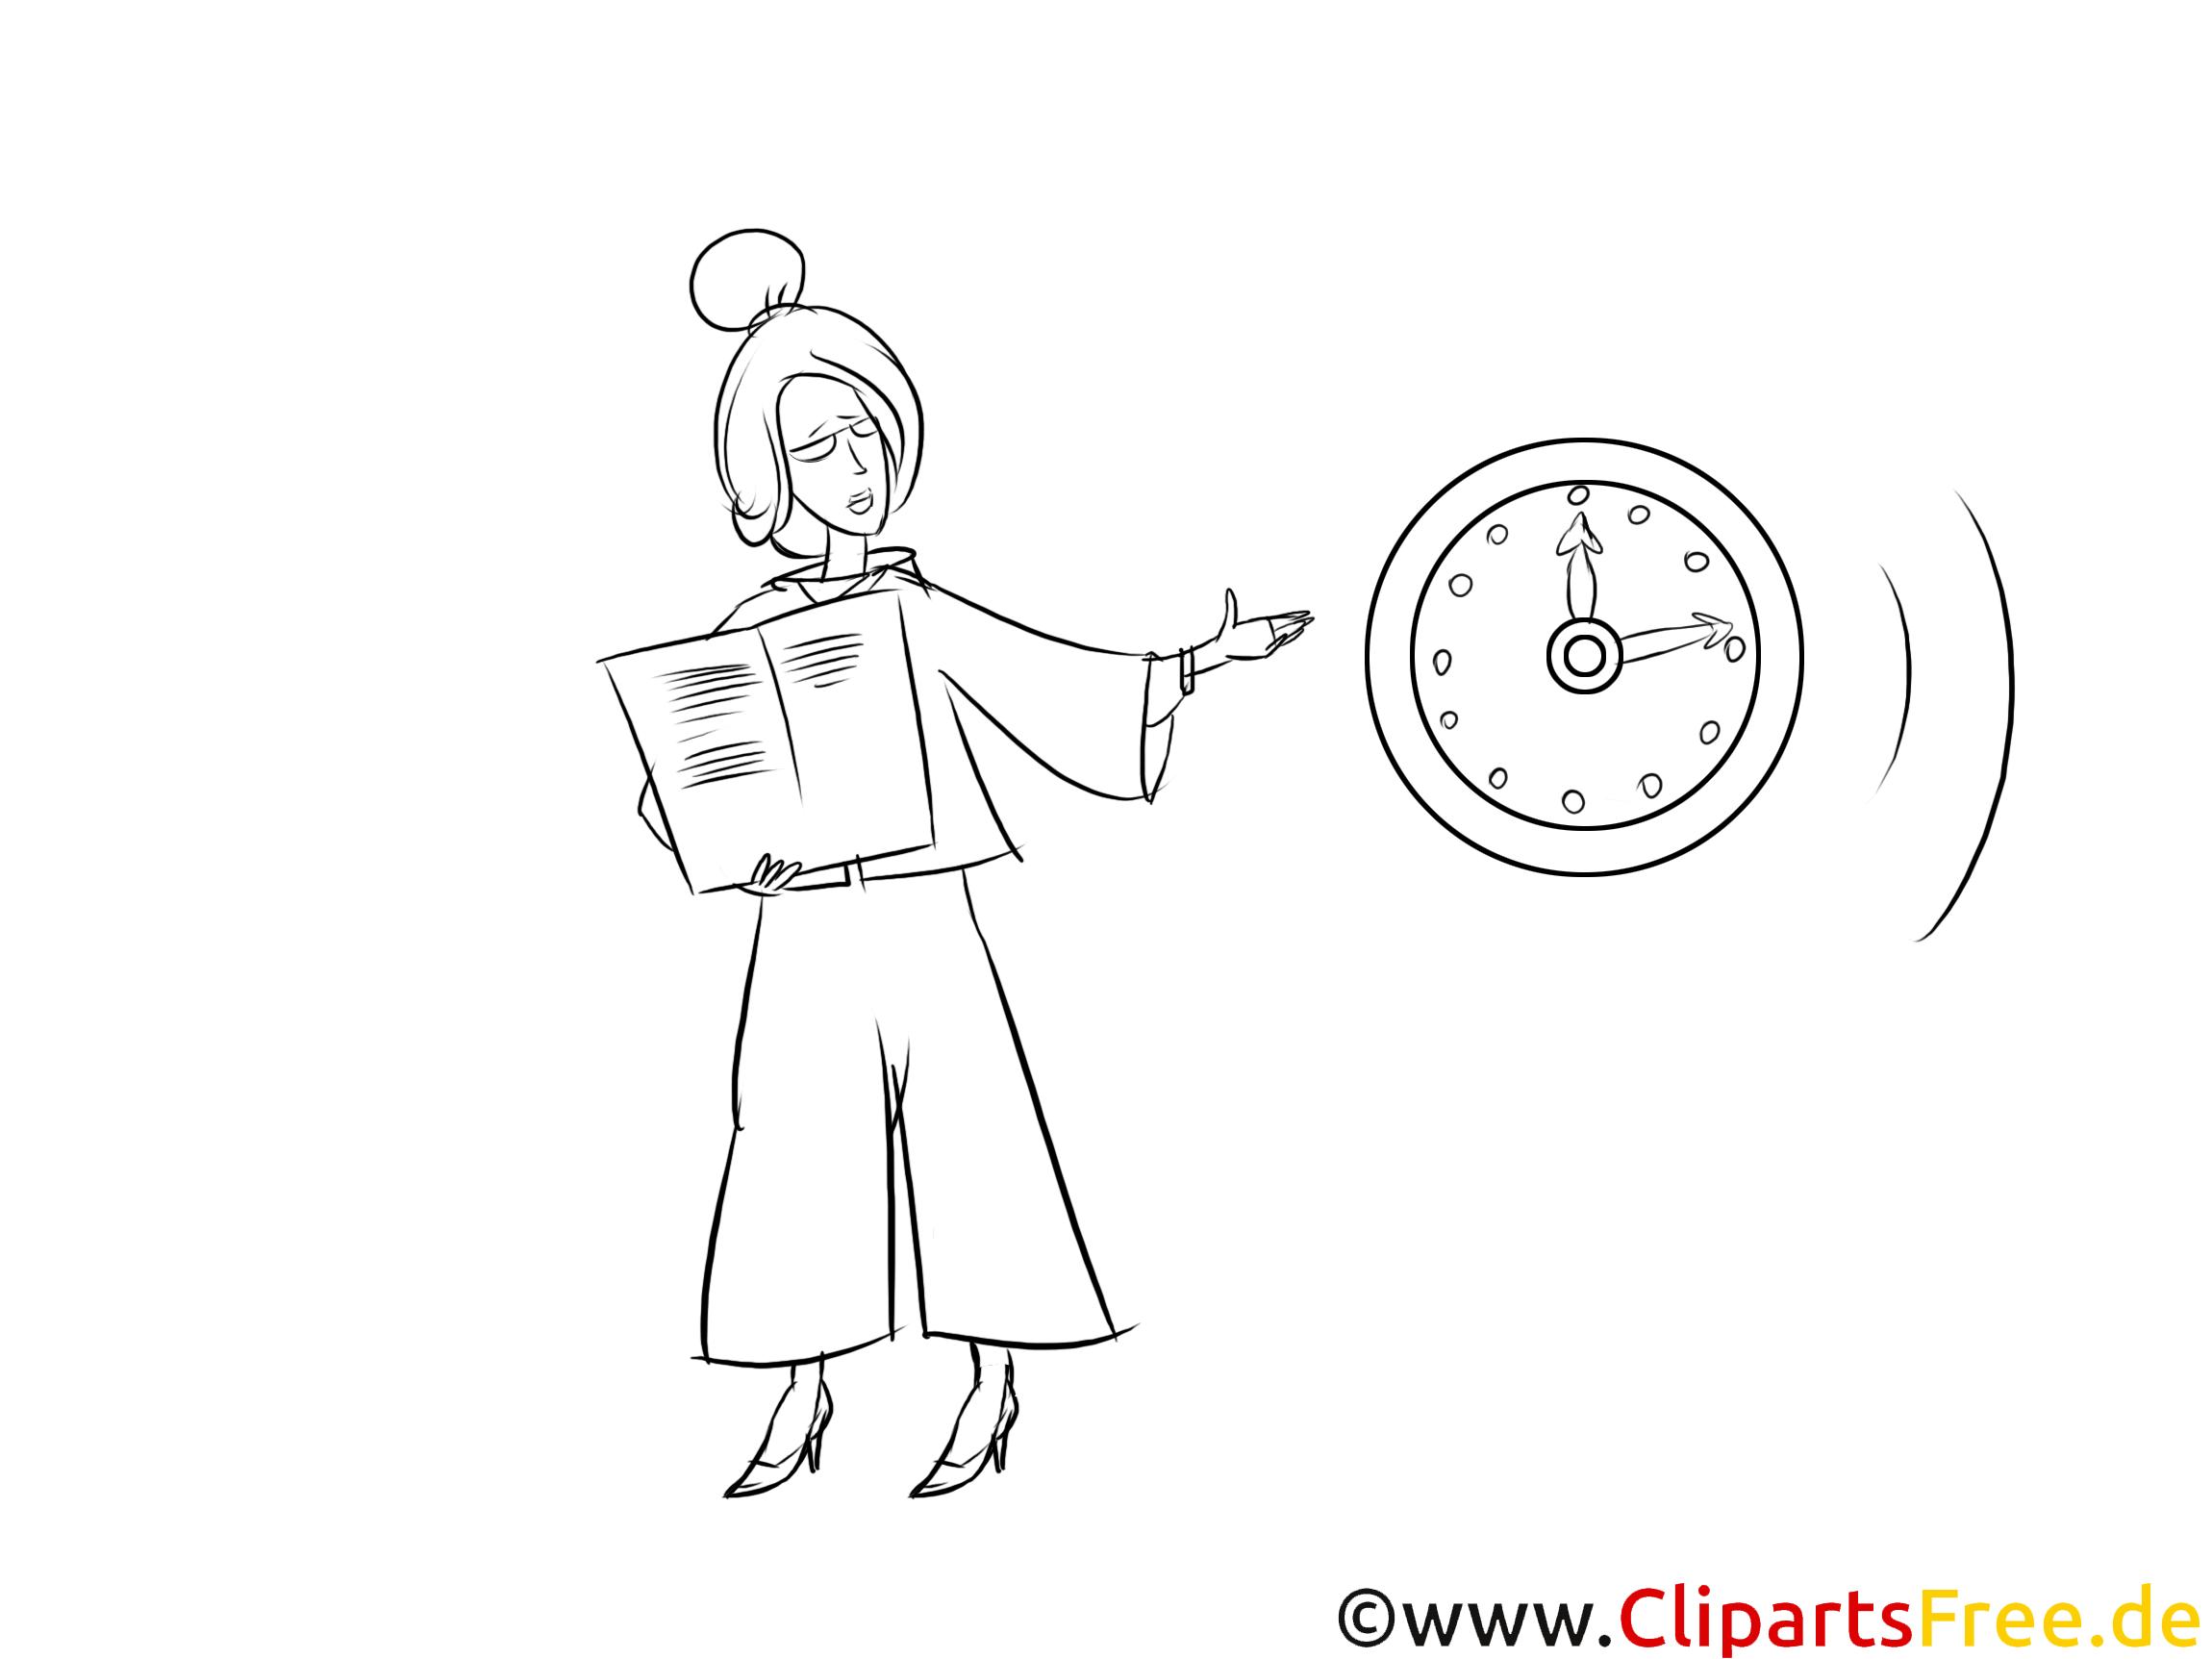 Clipart, Bild, Grafik Sozialversicherungsfachangestellter